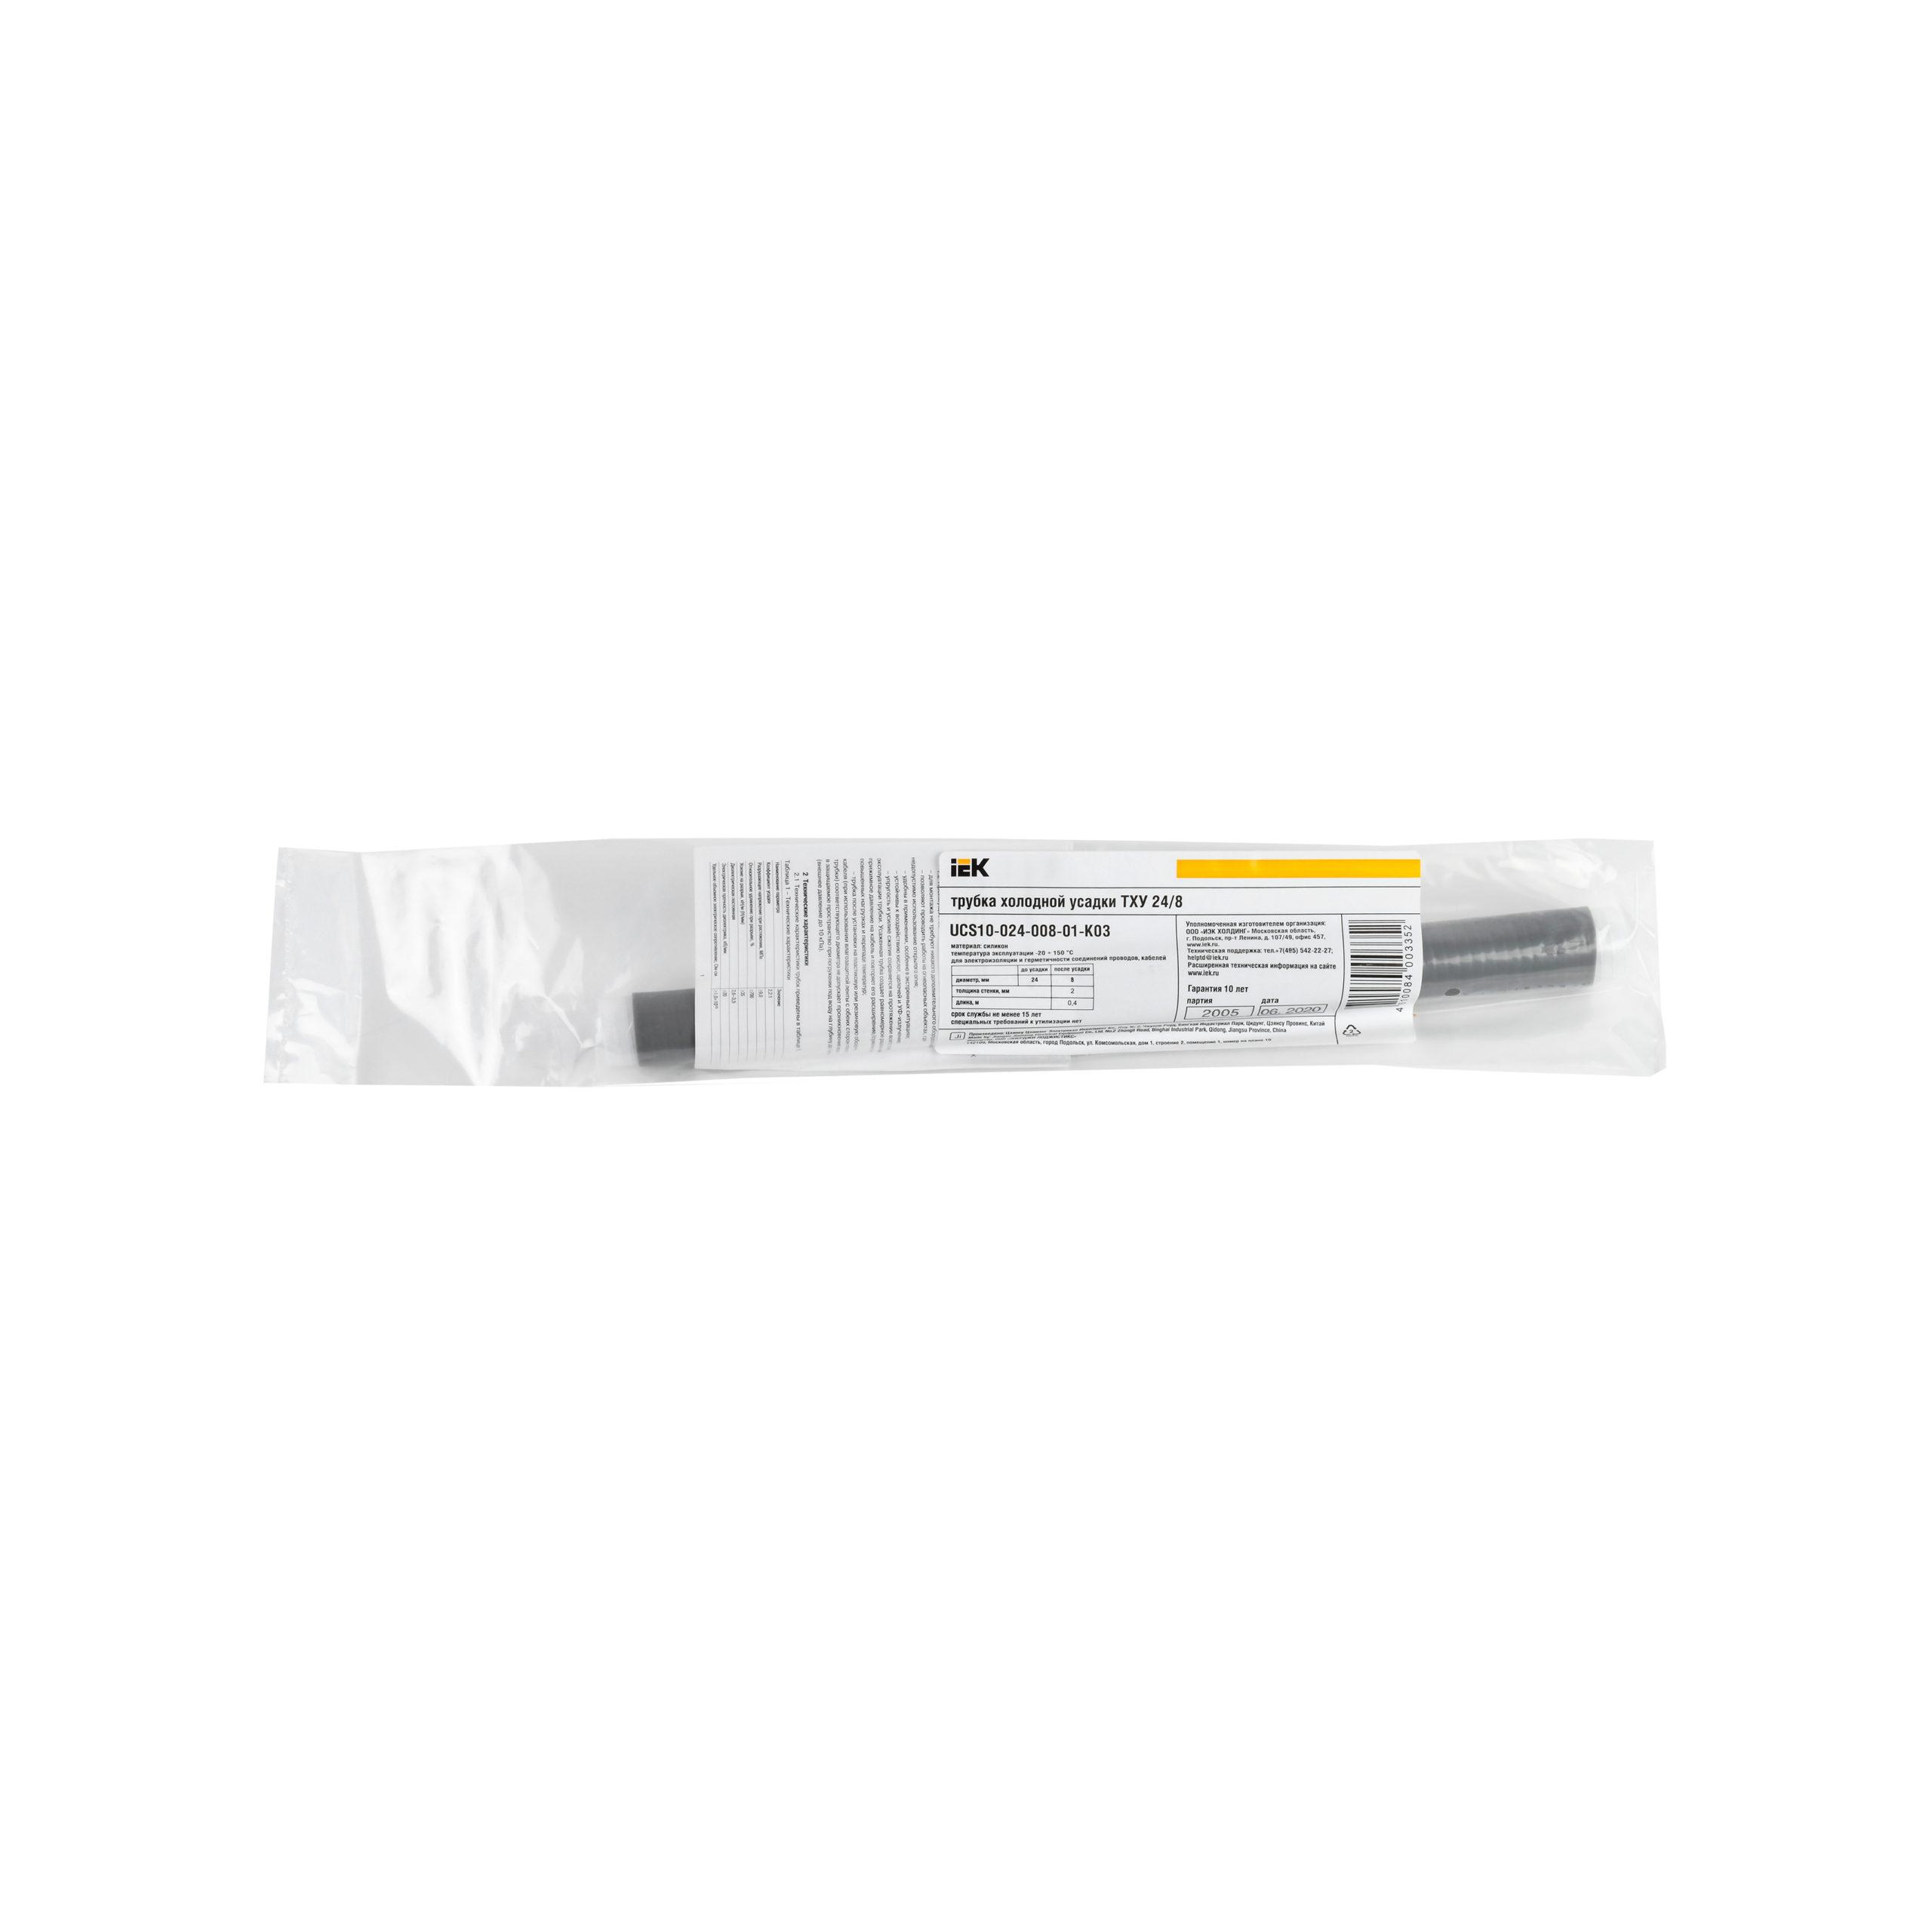 Трубка холодной усадки ТХУ 24/8 силиконовая 0,4м серый IEK 2